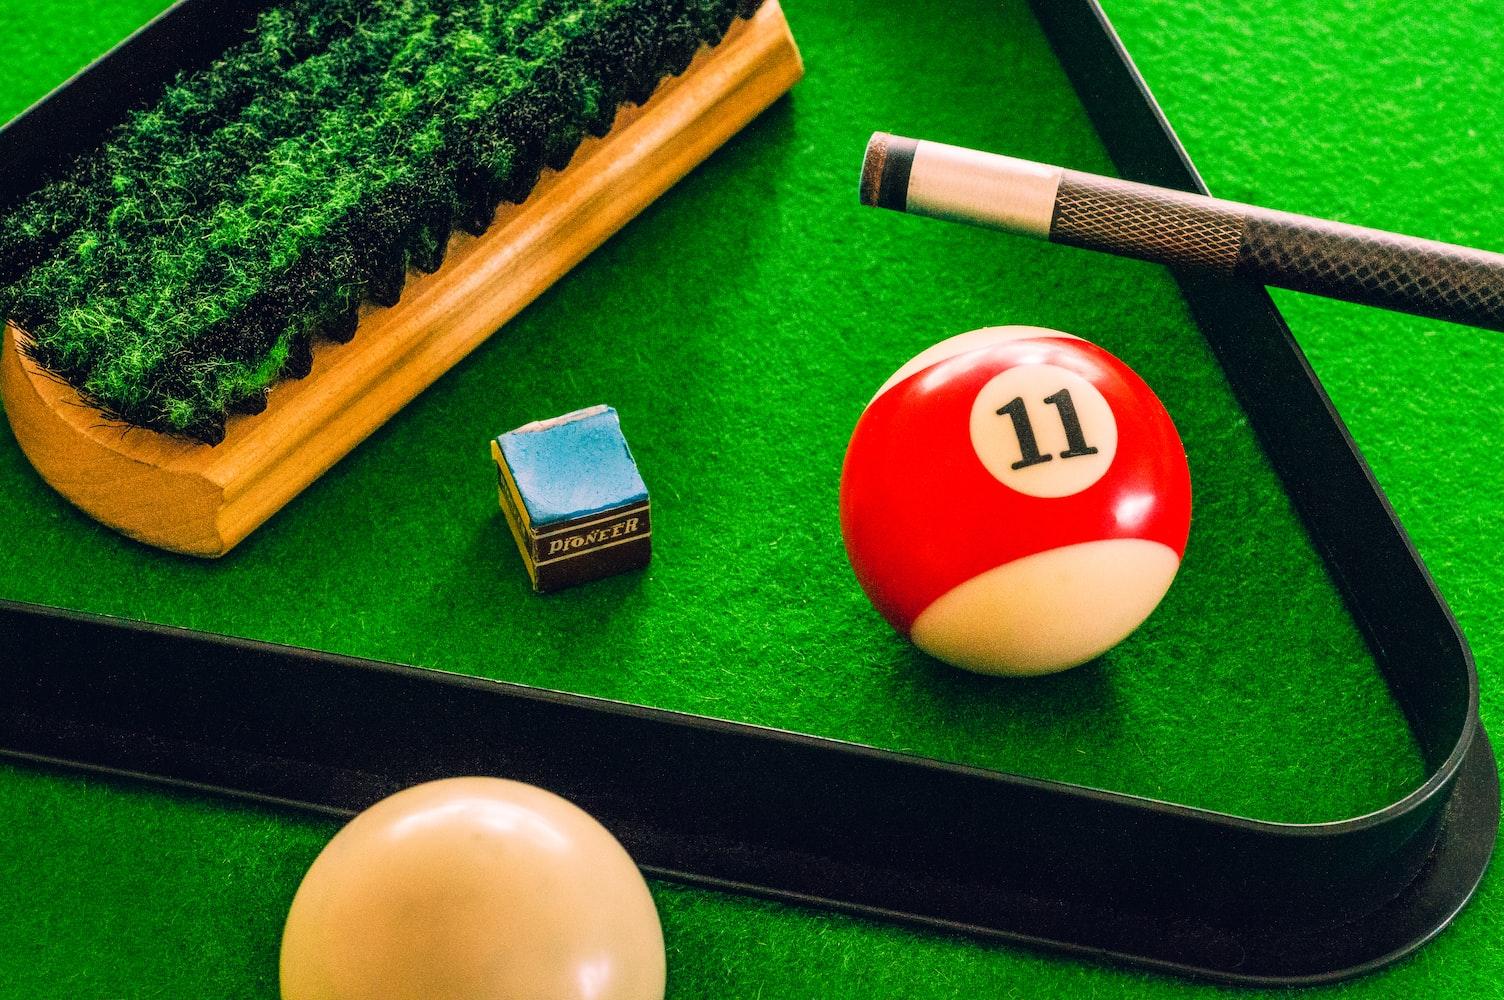 Pool chalk near a billiard balls